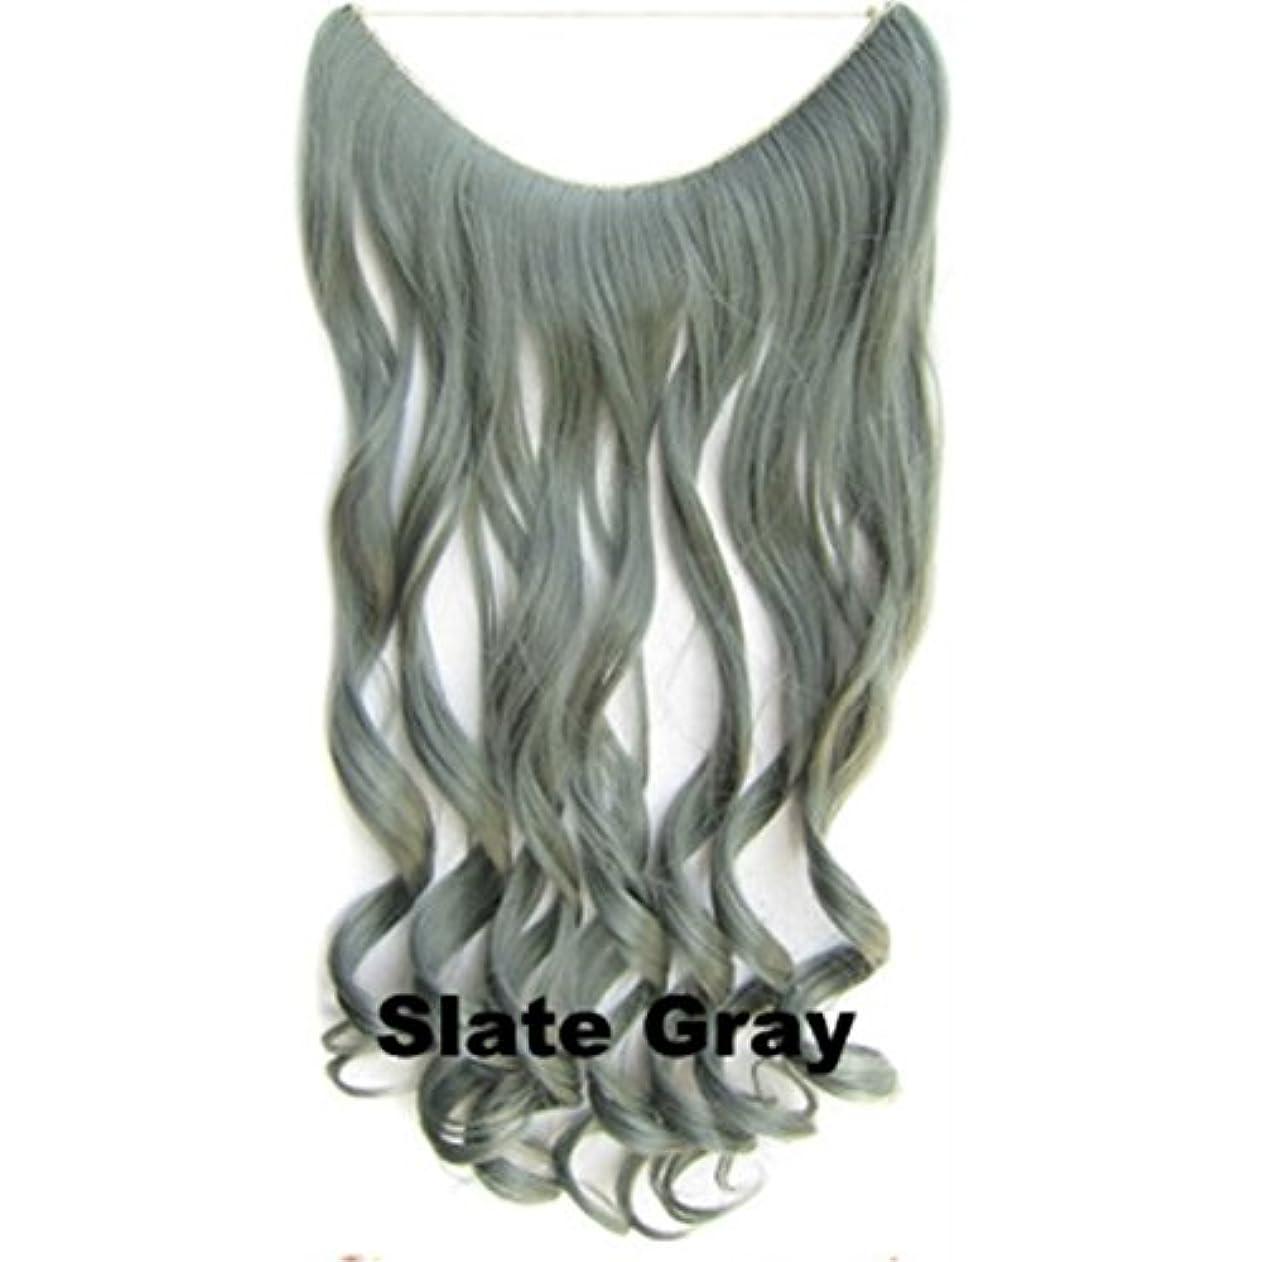 チャーミング甥あえぎKoloeplf (カーキ、ダークグレー、スレートグレー、ディープパープル、インディアンレッド)60cm 150g長いカーリーヘアクリップ、エクステンションワンピース絹シルクウィッグ (Color : Slate gray)